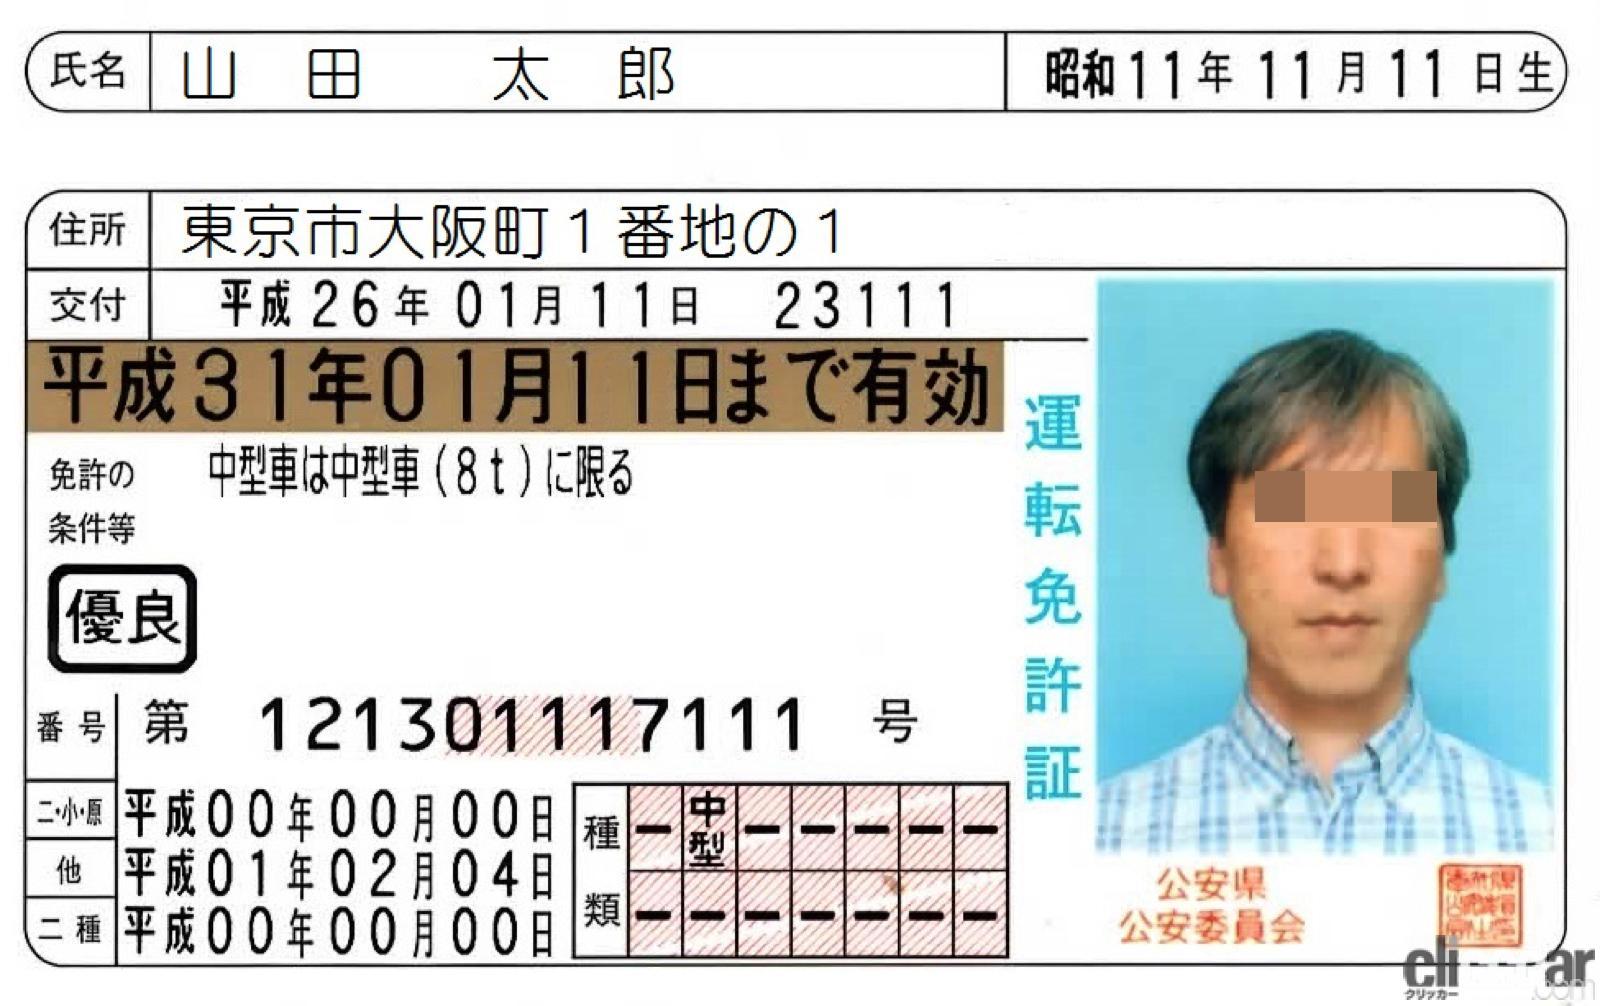 更新 大阪 コロナ 免許